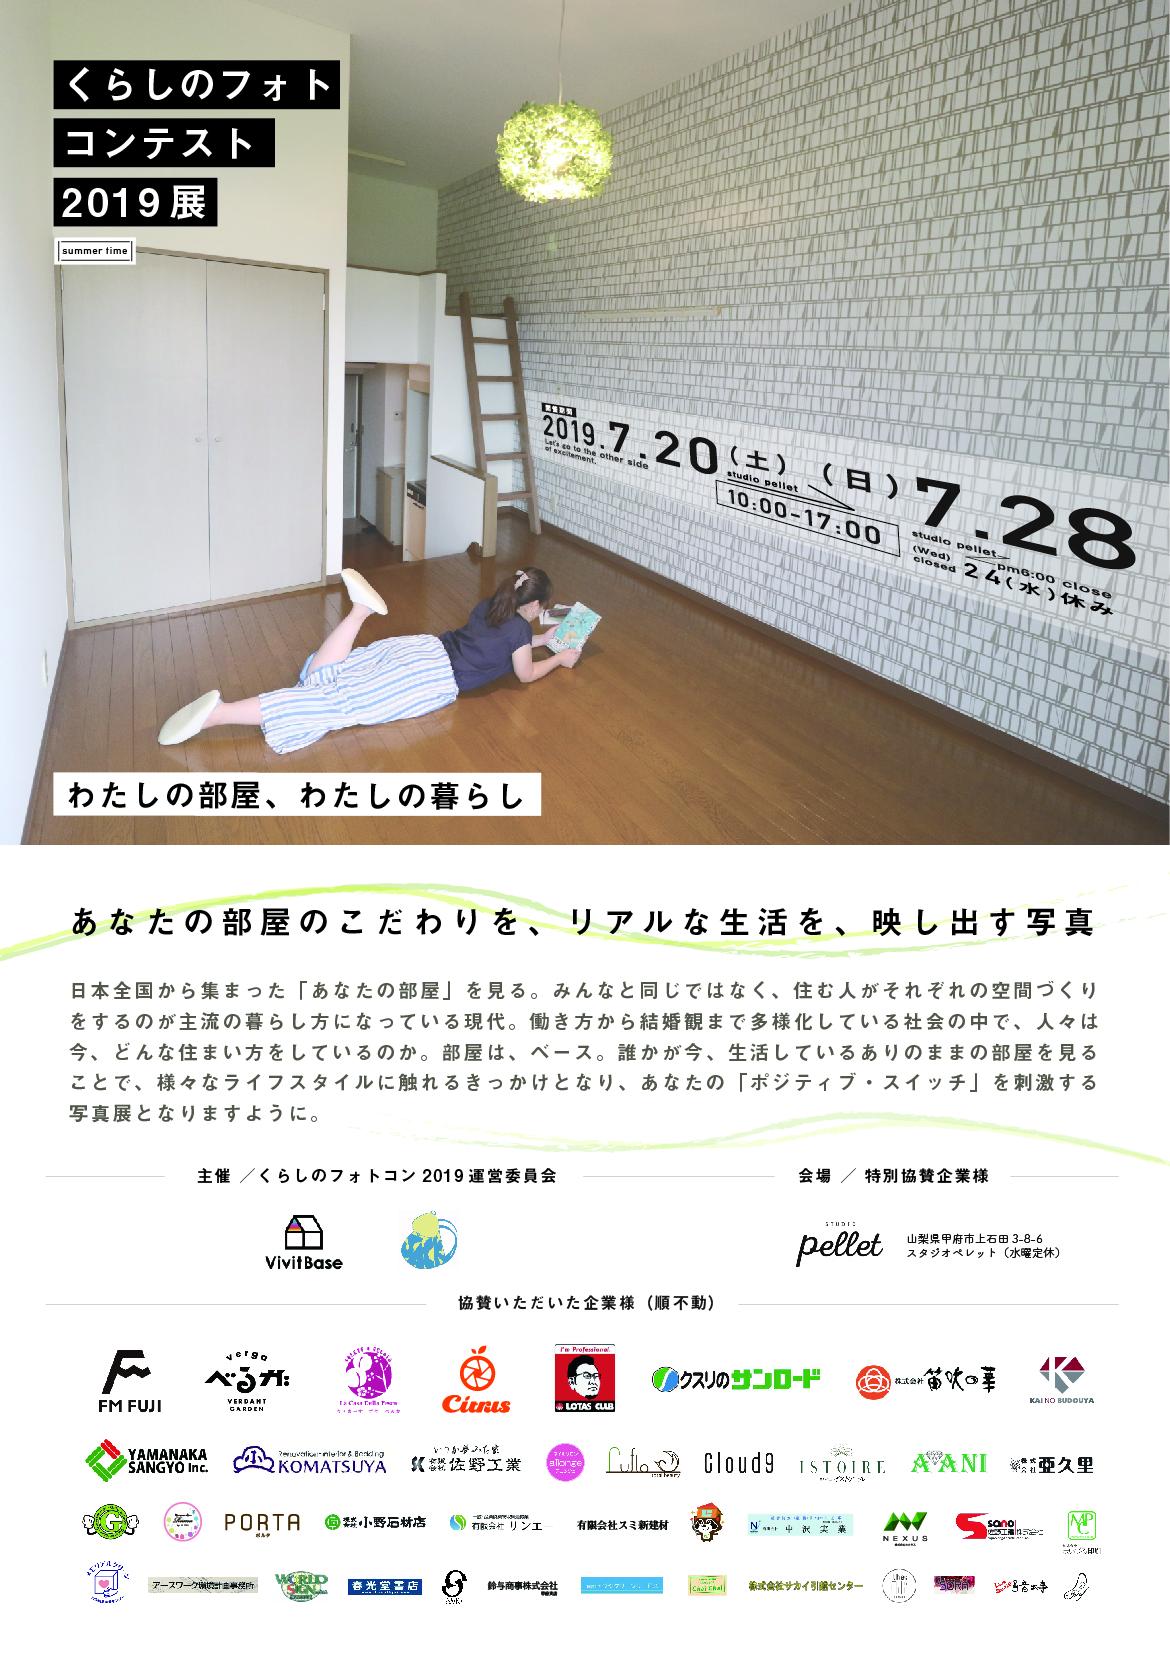 くらしのフォトコンテスト2019展 甲府市 イベント 1